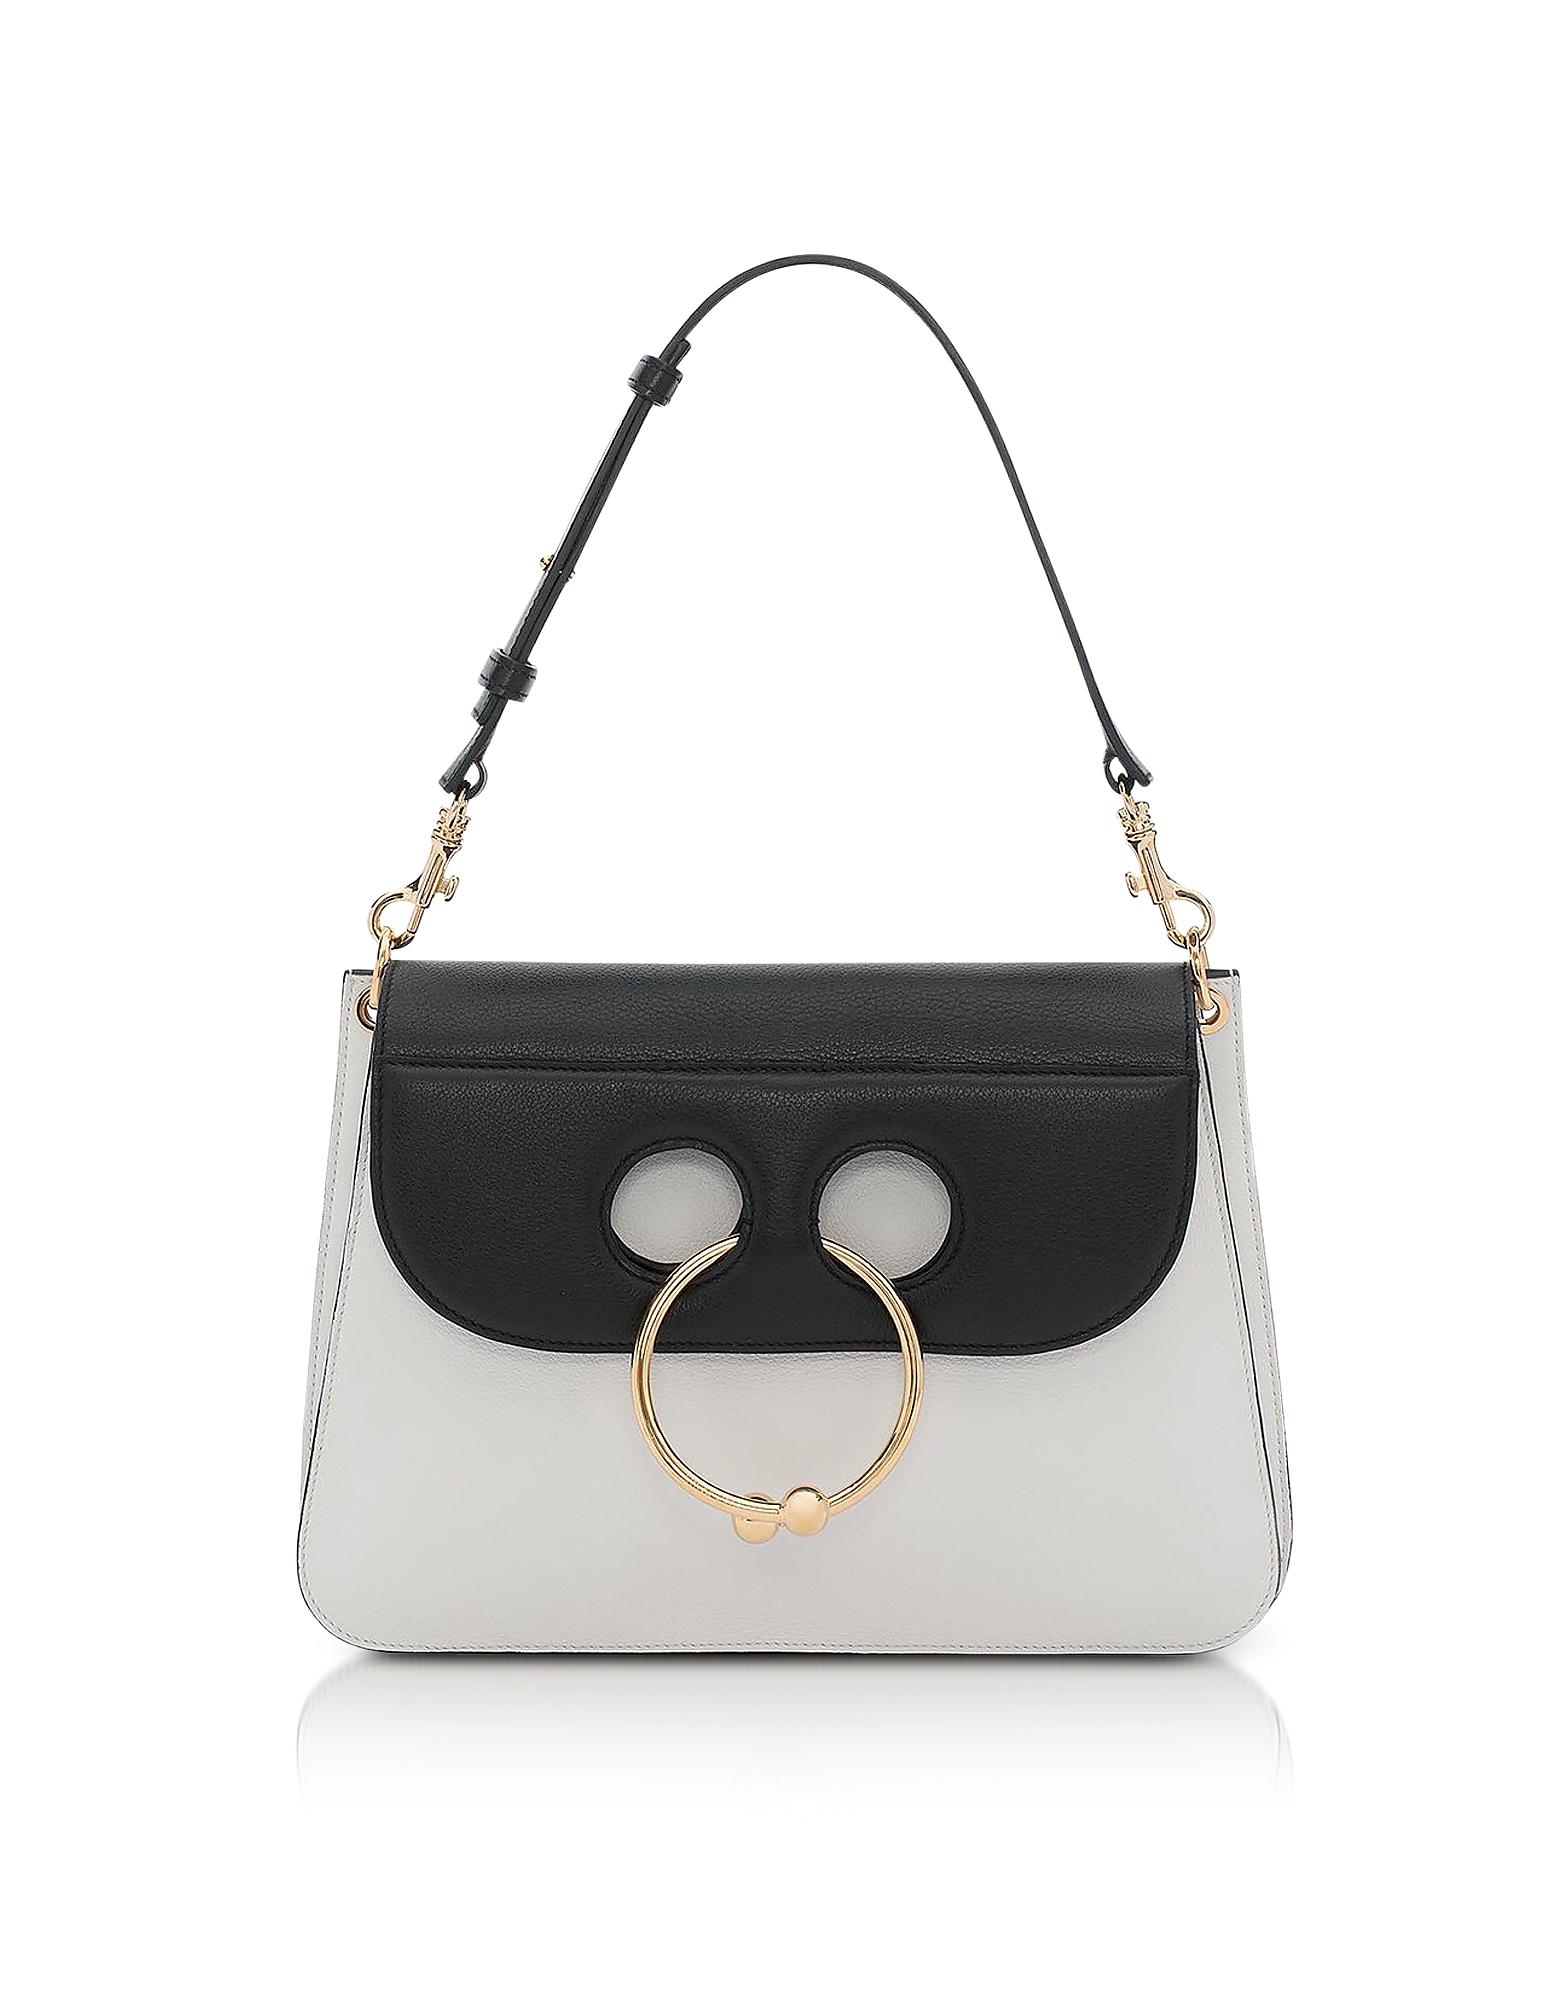 JW Anderson Handbags, Black & White Medium Pierce Bag